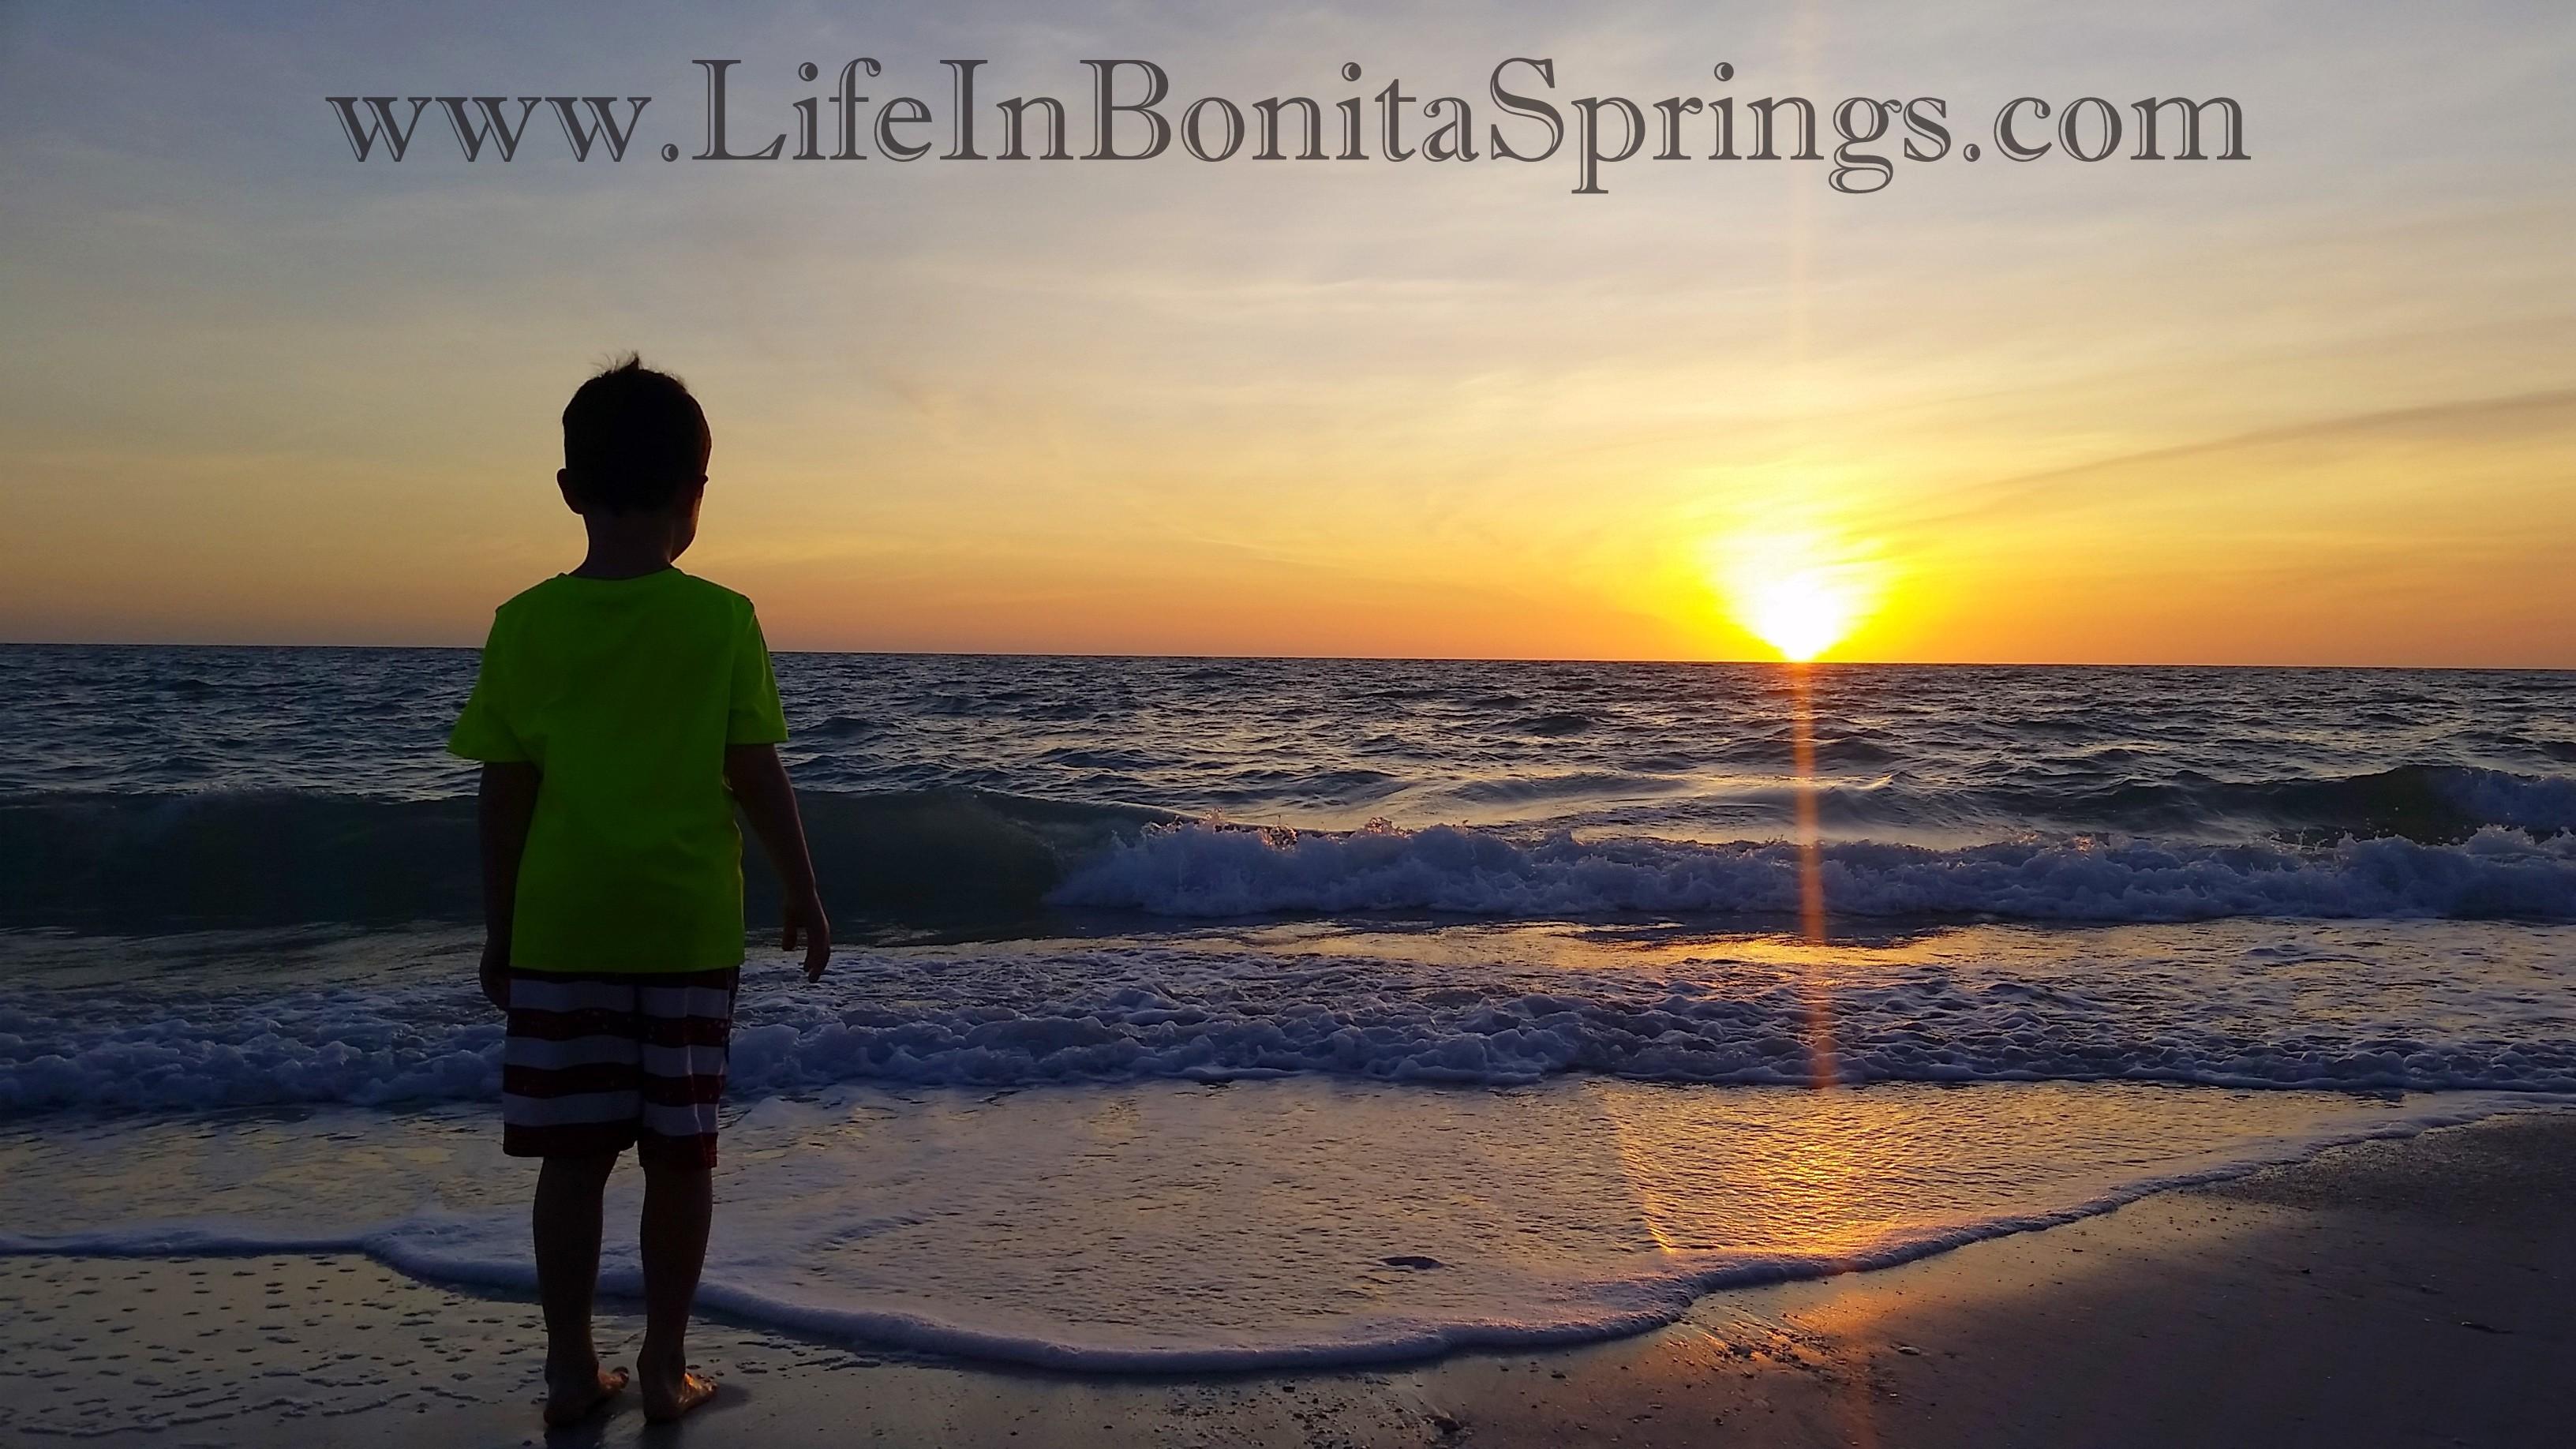 Life In Bonita Springs